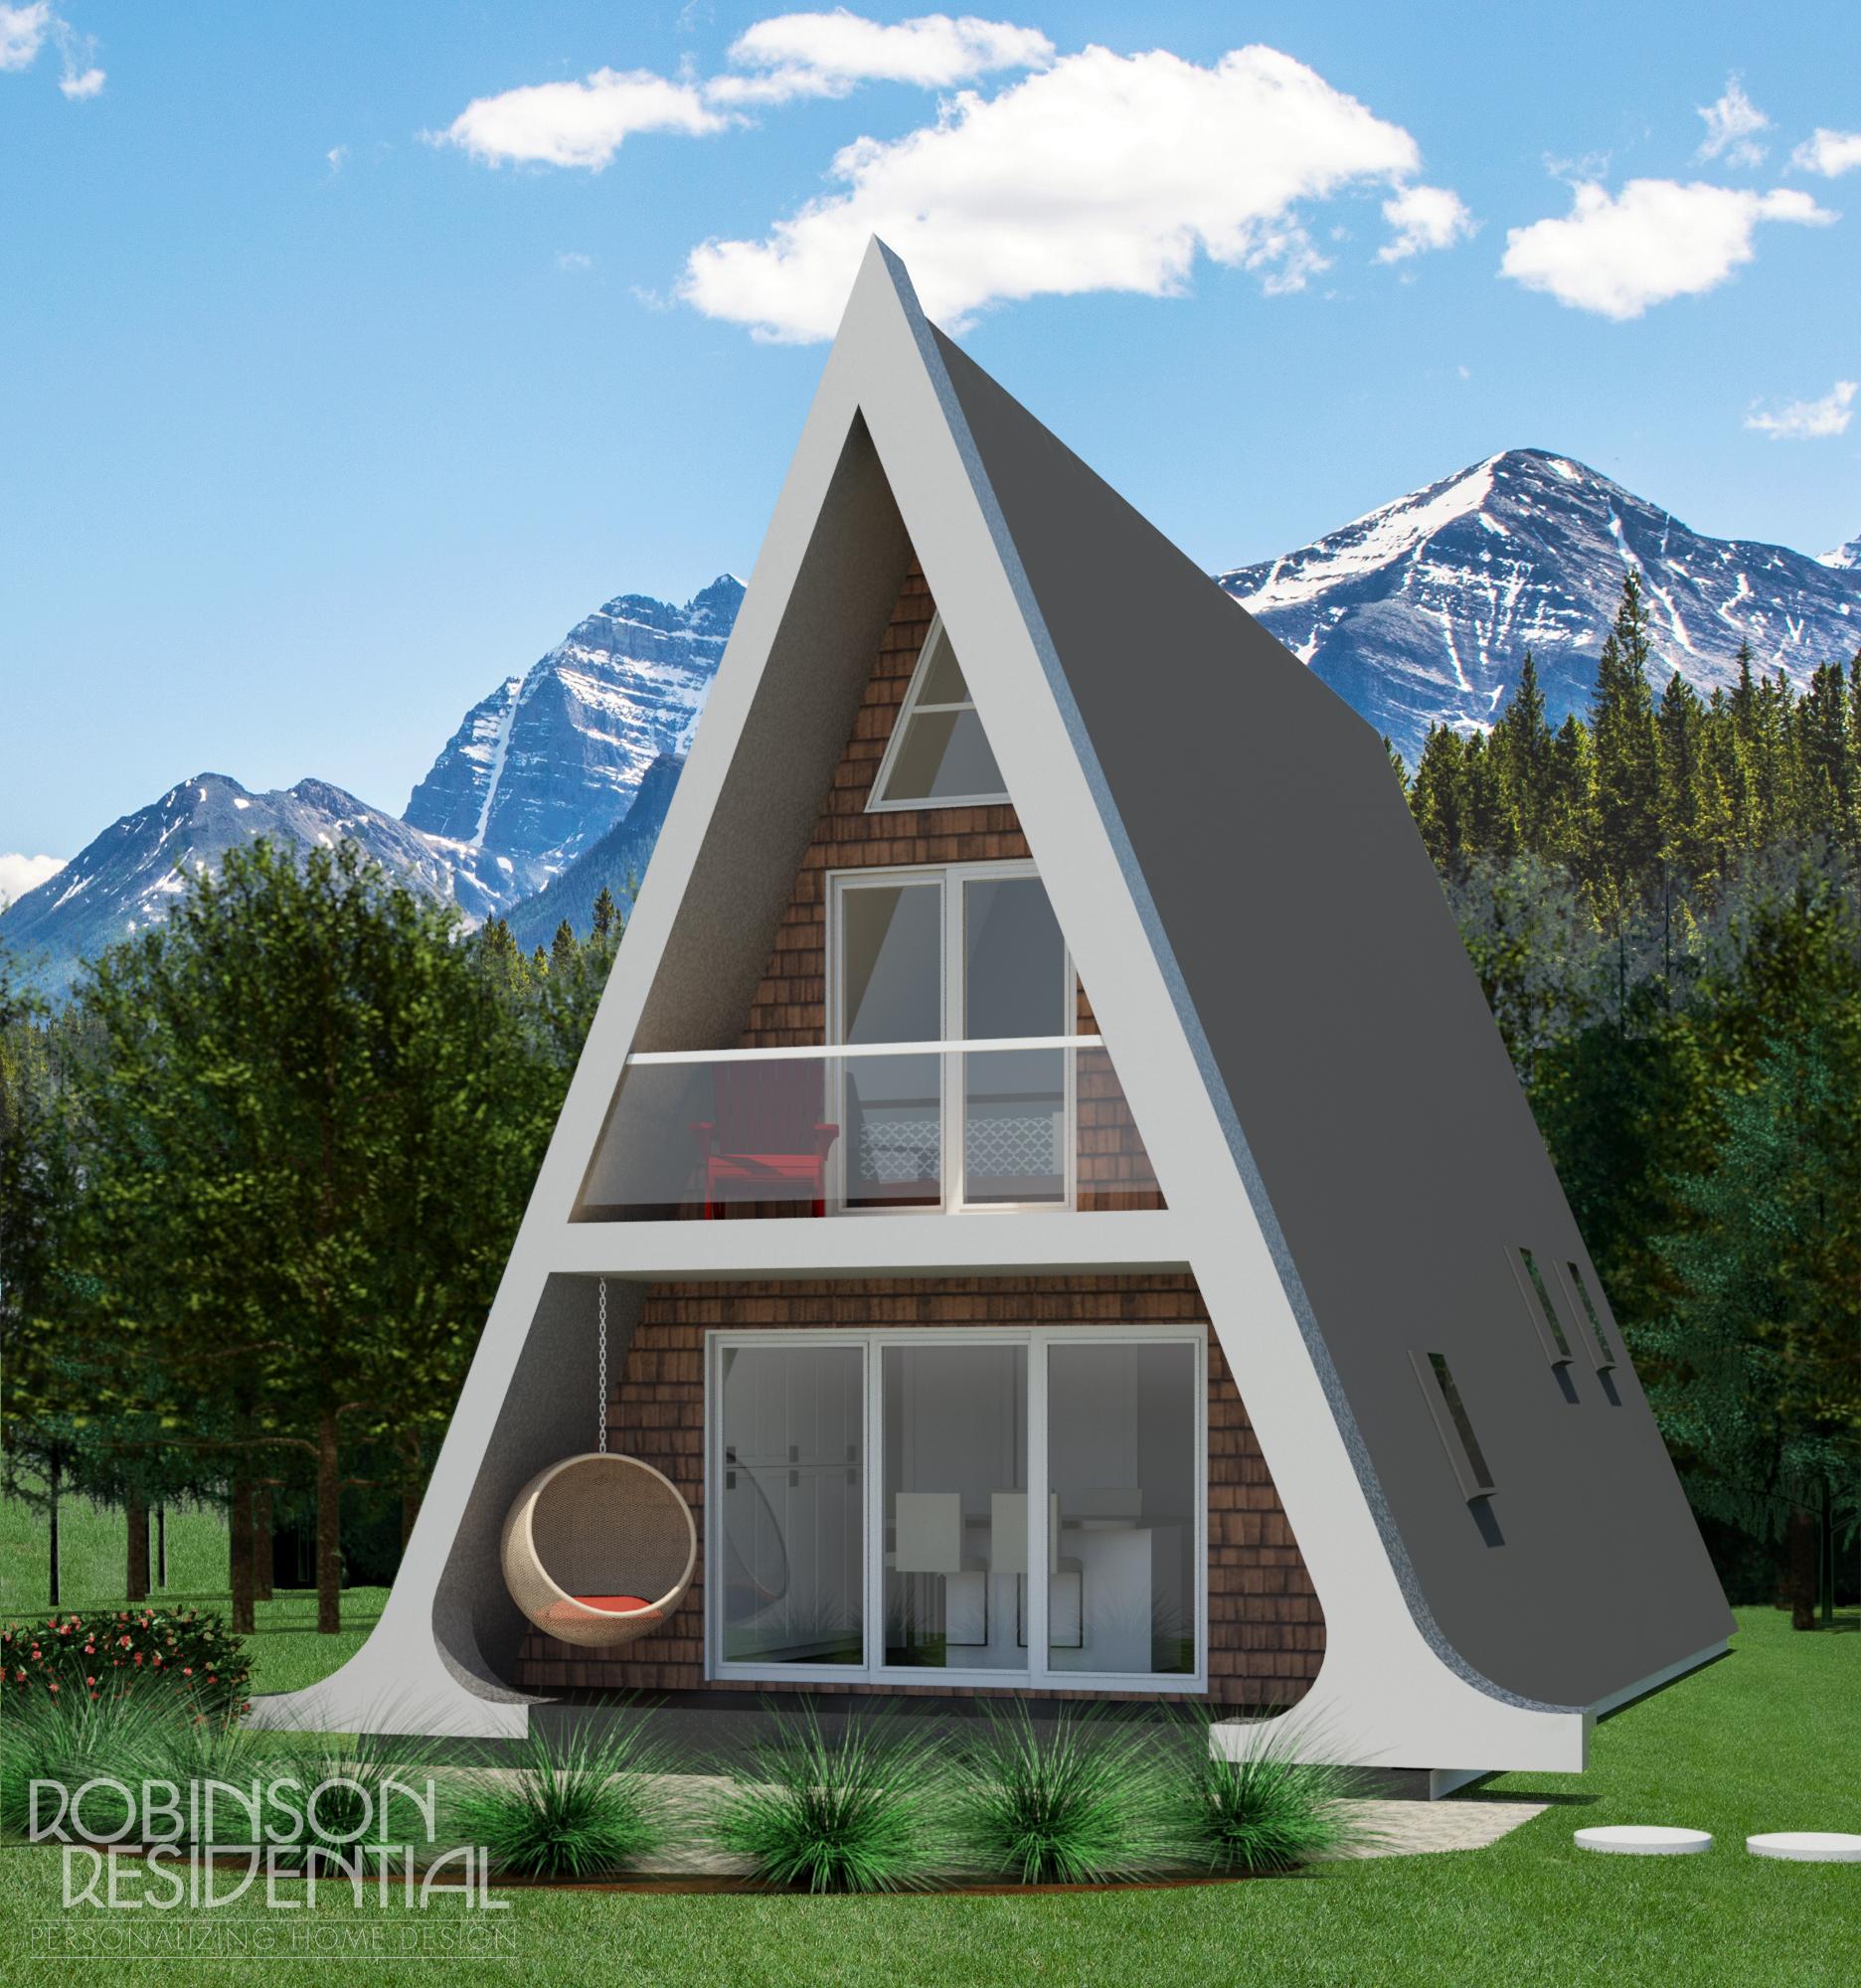 Tiny Home Designs: Alberta A-Frame Small Home Design